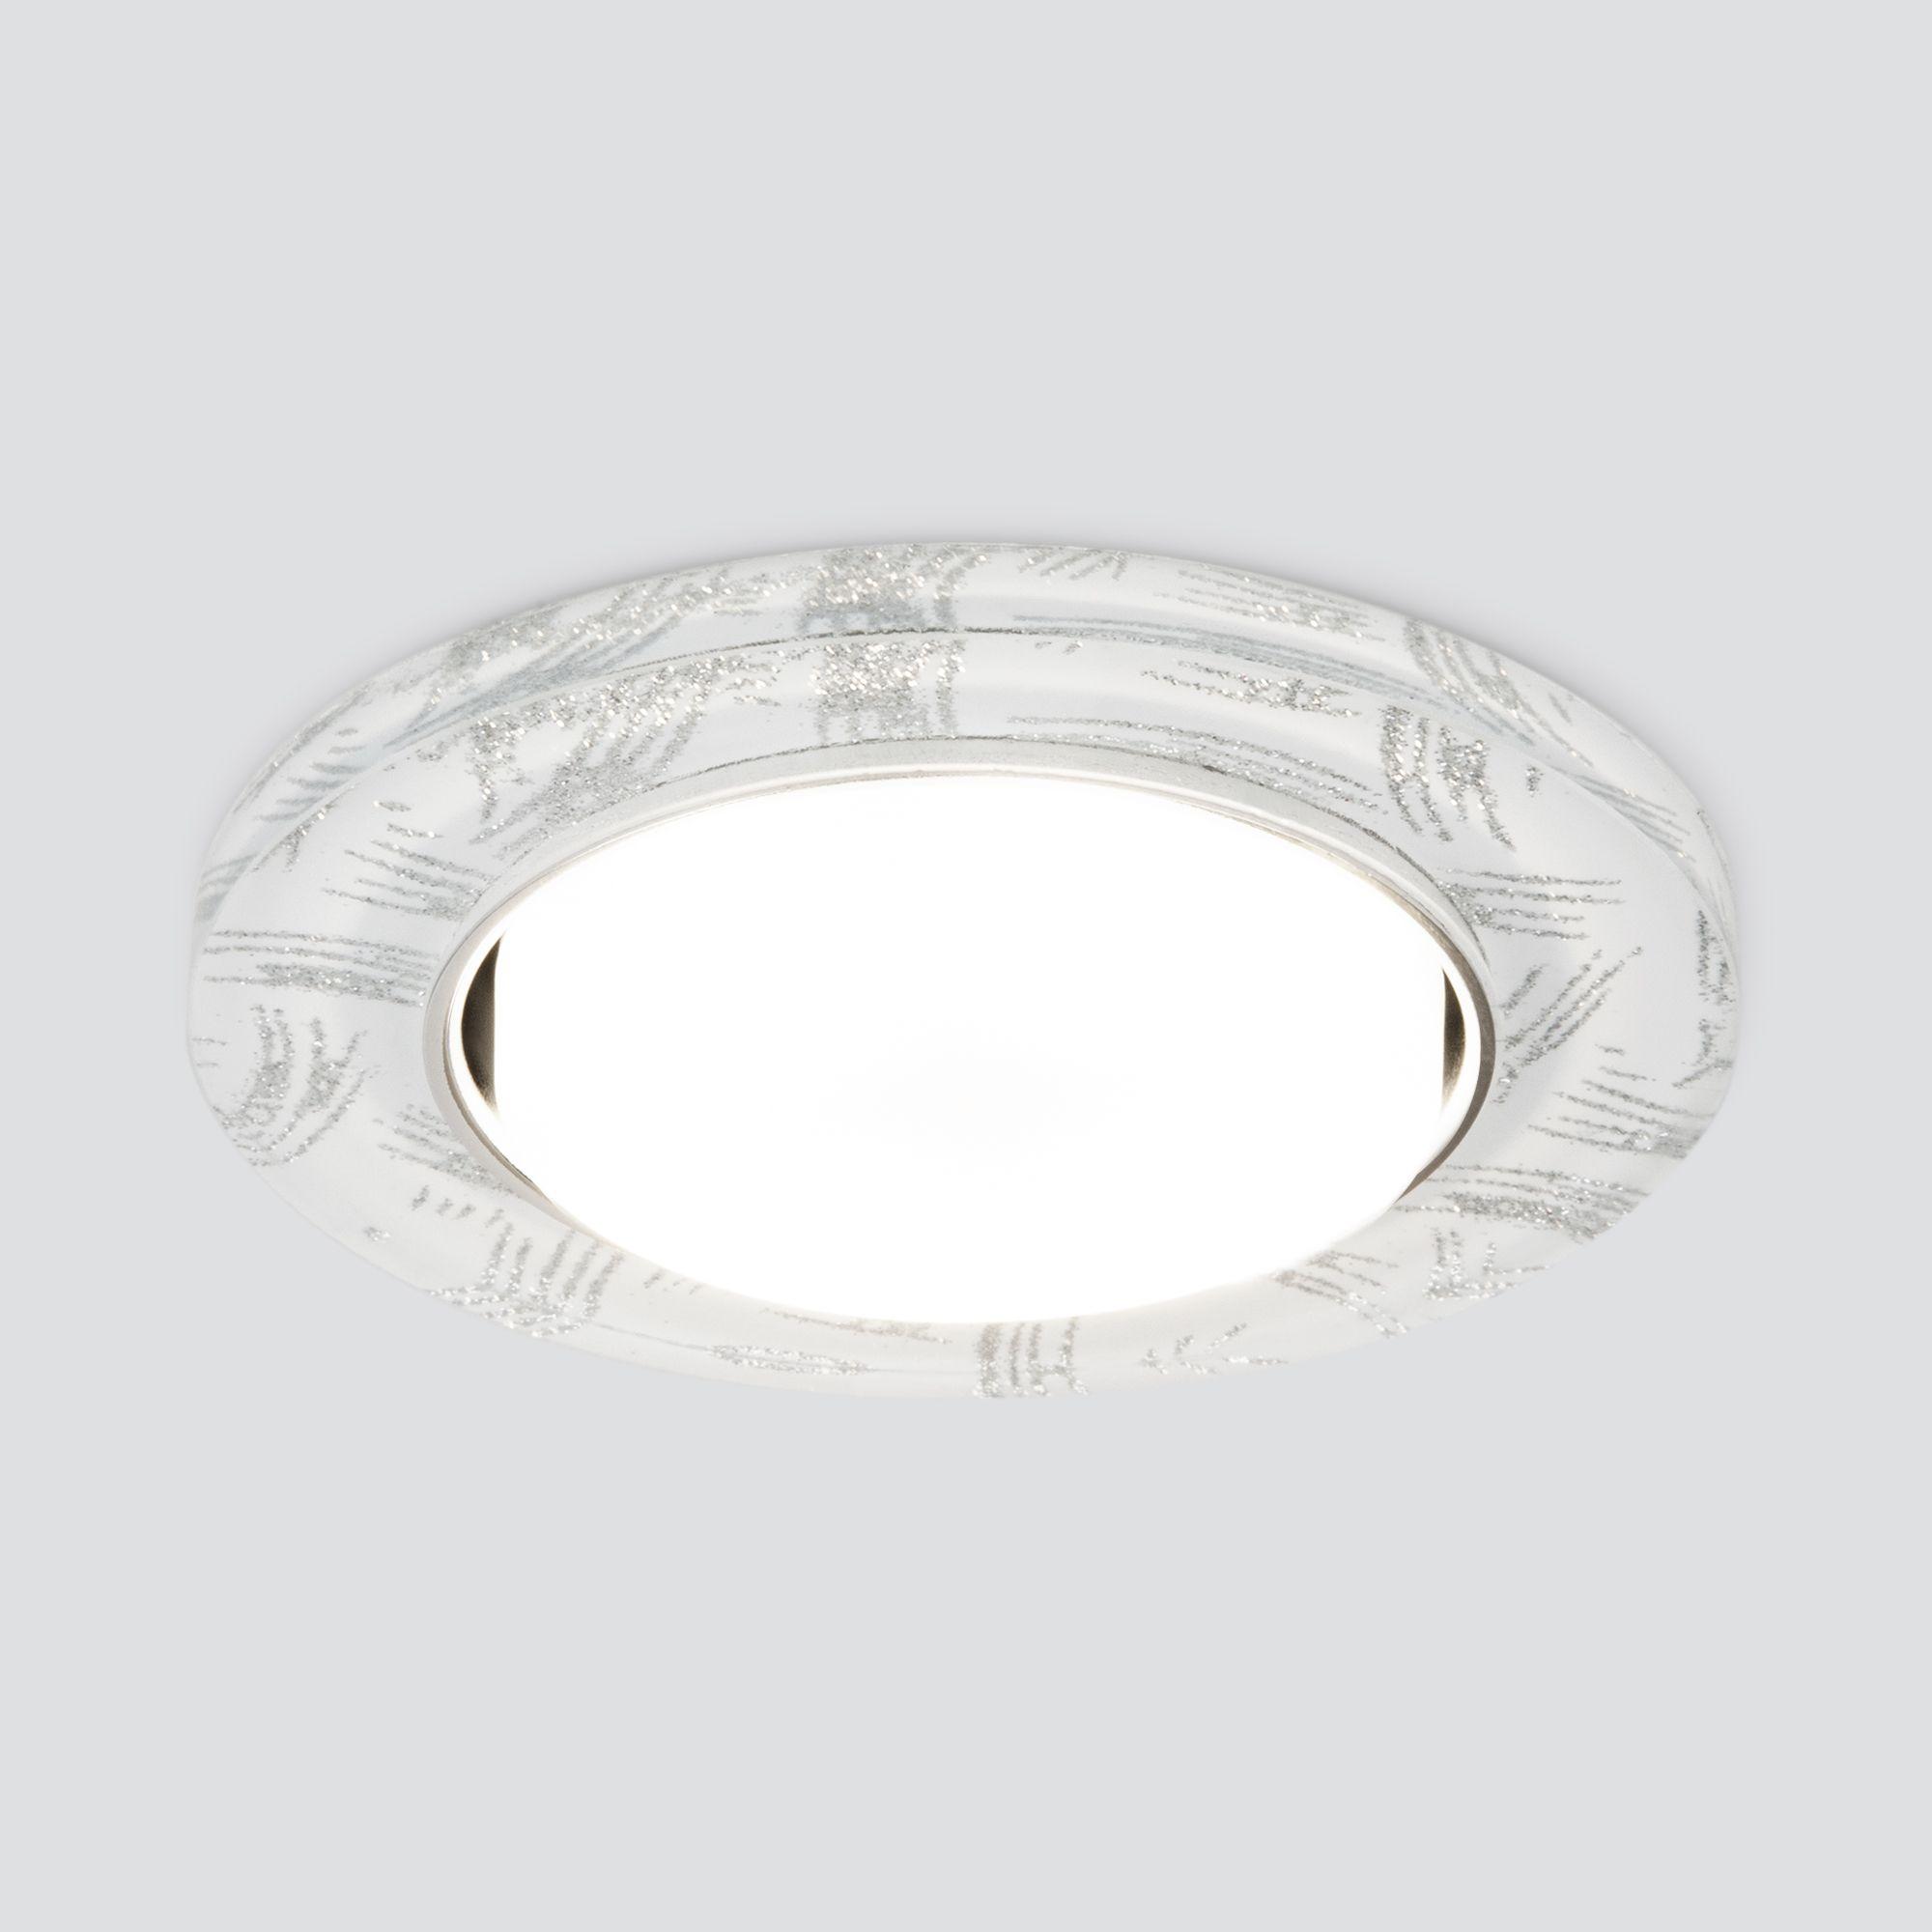 Встраиваемый точечный светильник 1062 GX53 WH/SL белый/серебро